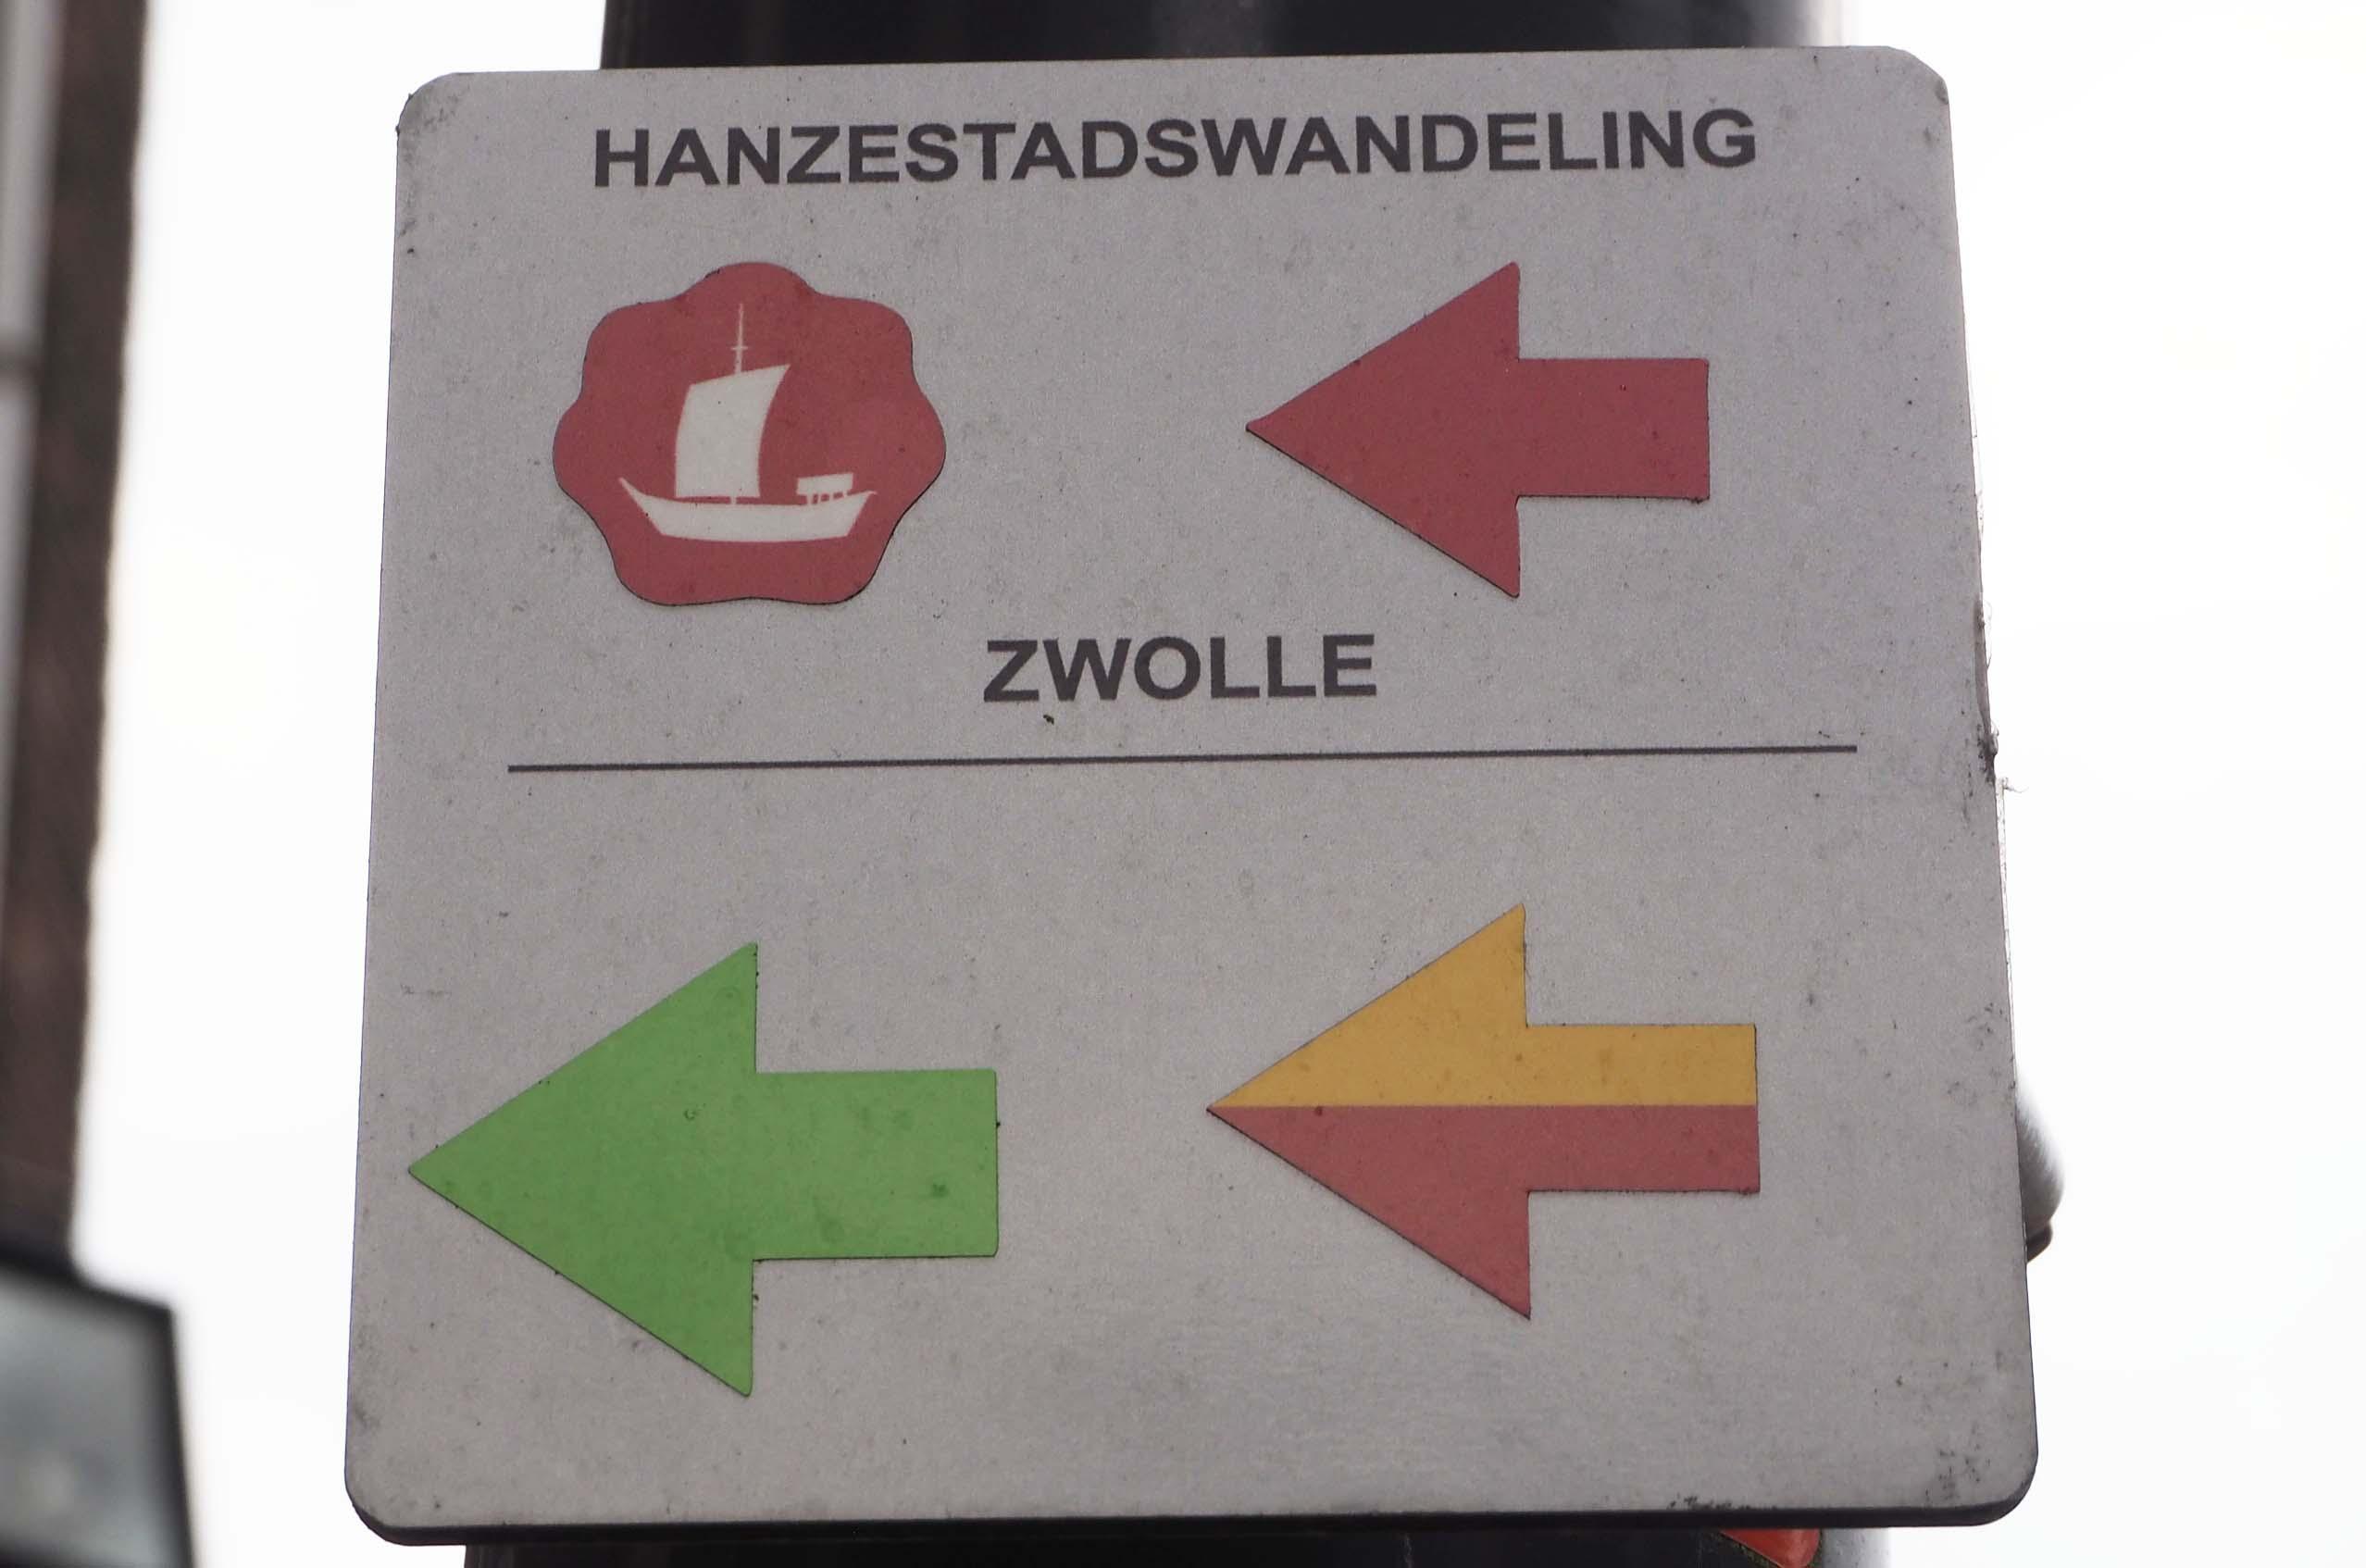 Hanze stadswandeling in Zwolle